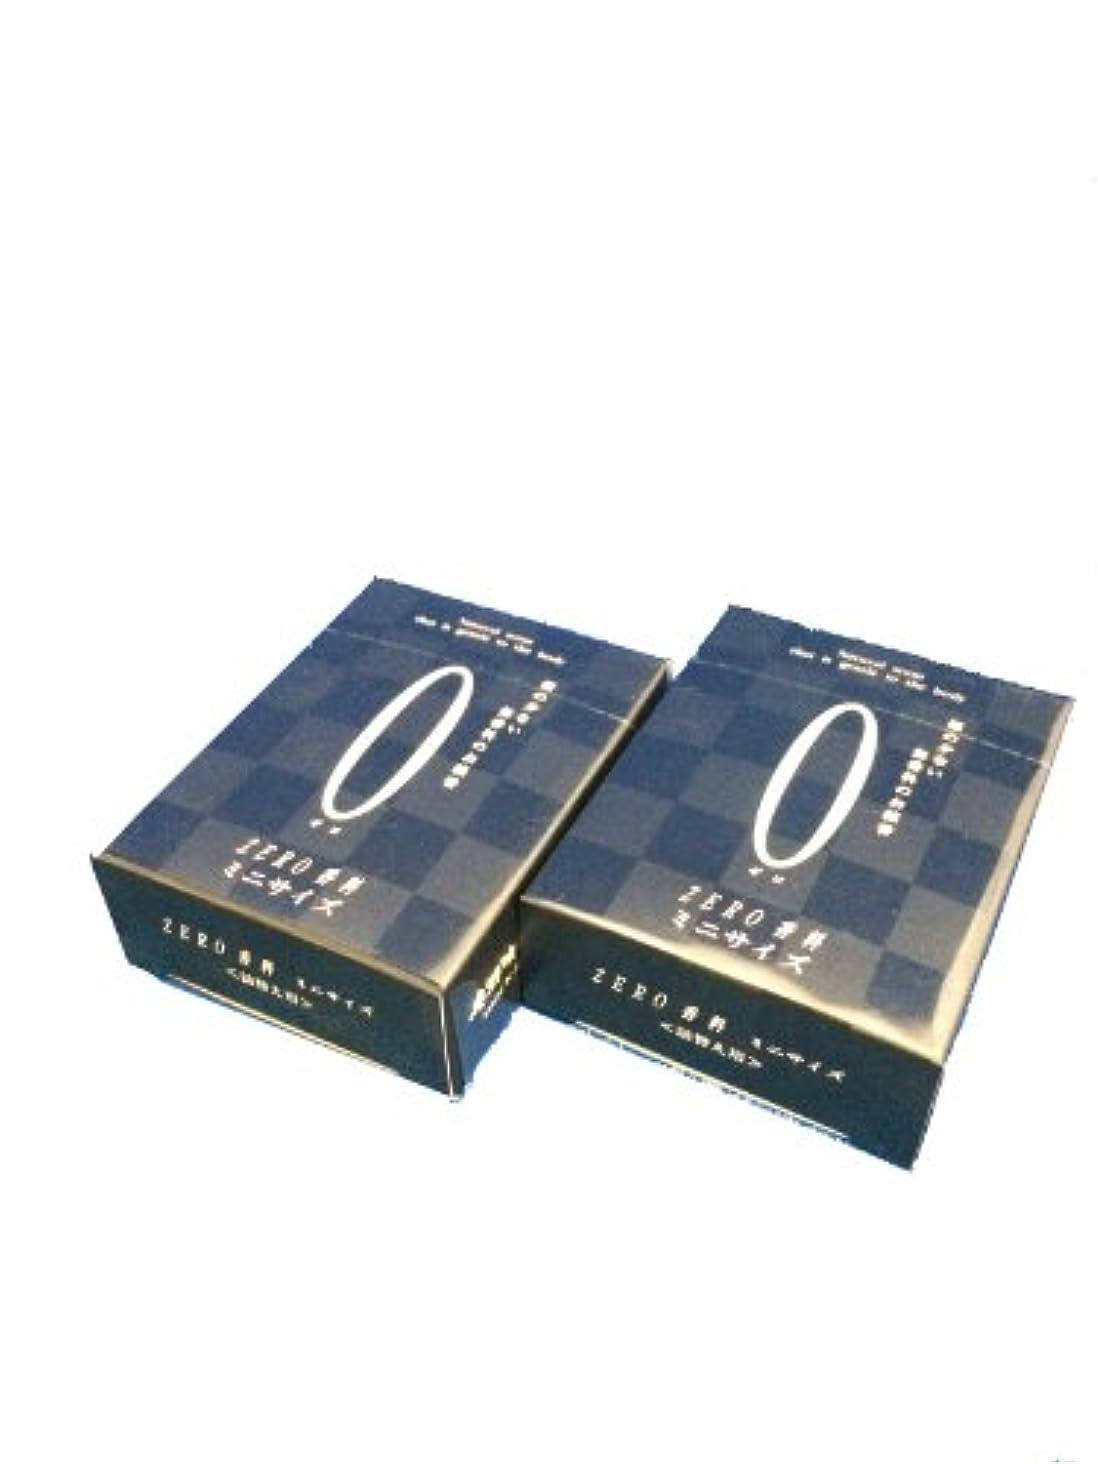 恐ろしいです真珠のようなアルファベット順ZERO ゼロ香料 詰め替え用 2個セット ミニ寸 サイズ 約60g